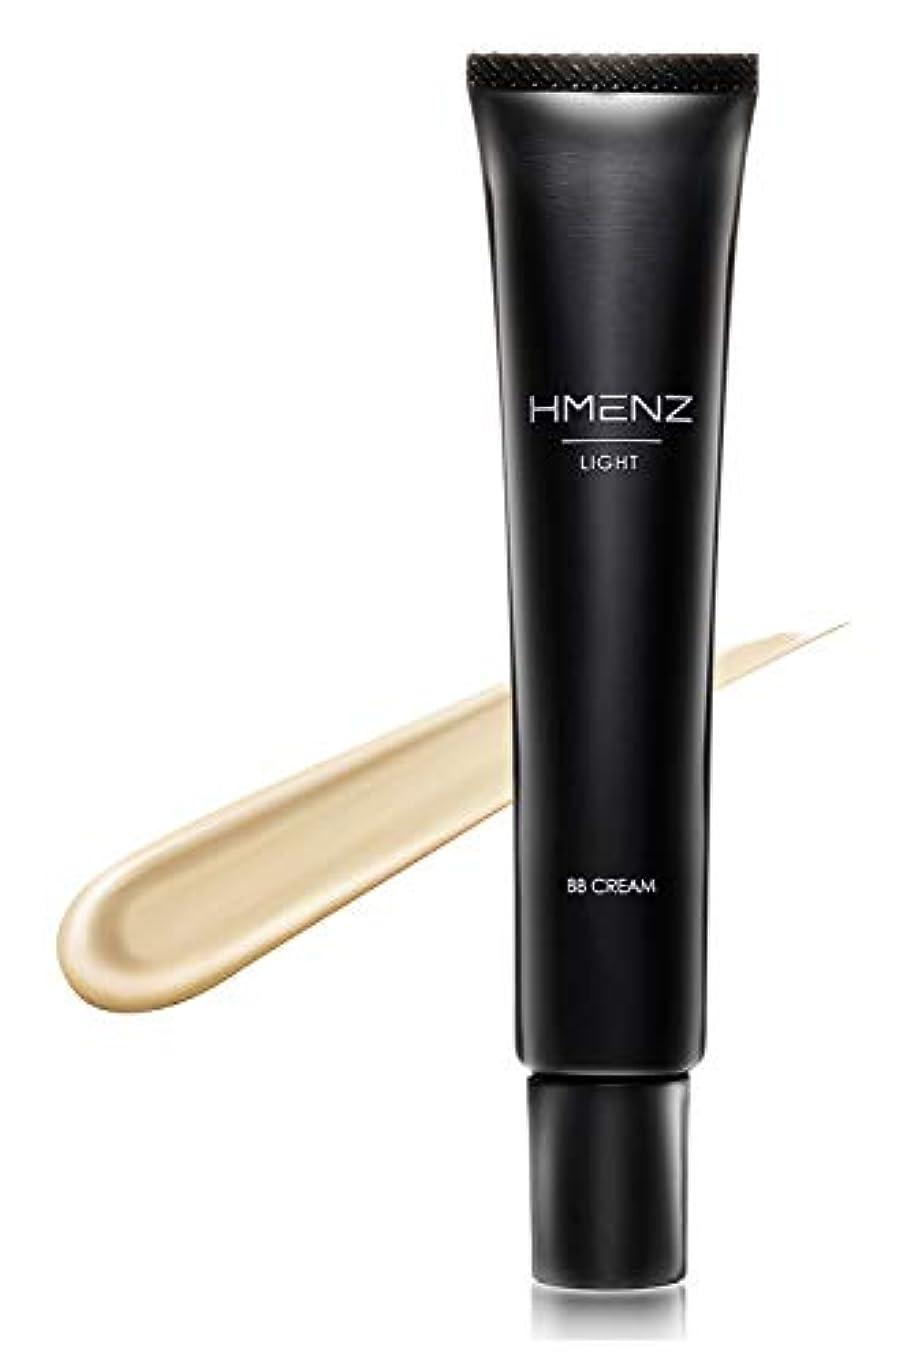 コモランマ創傷独立【 コンシーラー メンズ ライトベージュ 】HMENZ メンズ BBクリーム 色白 明るい肌 『 テカリ防止 皮脂吸着パウダー 配合 』 (日焼け止め SPF50+ PA++++ シミ くま ニキビ隠し ファンデーション)25g